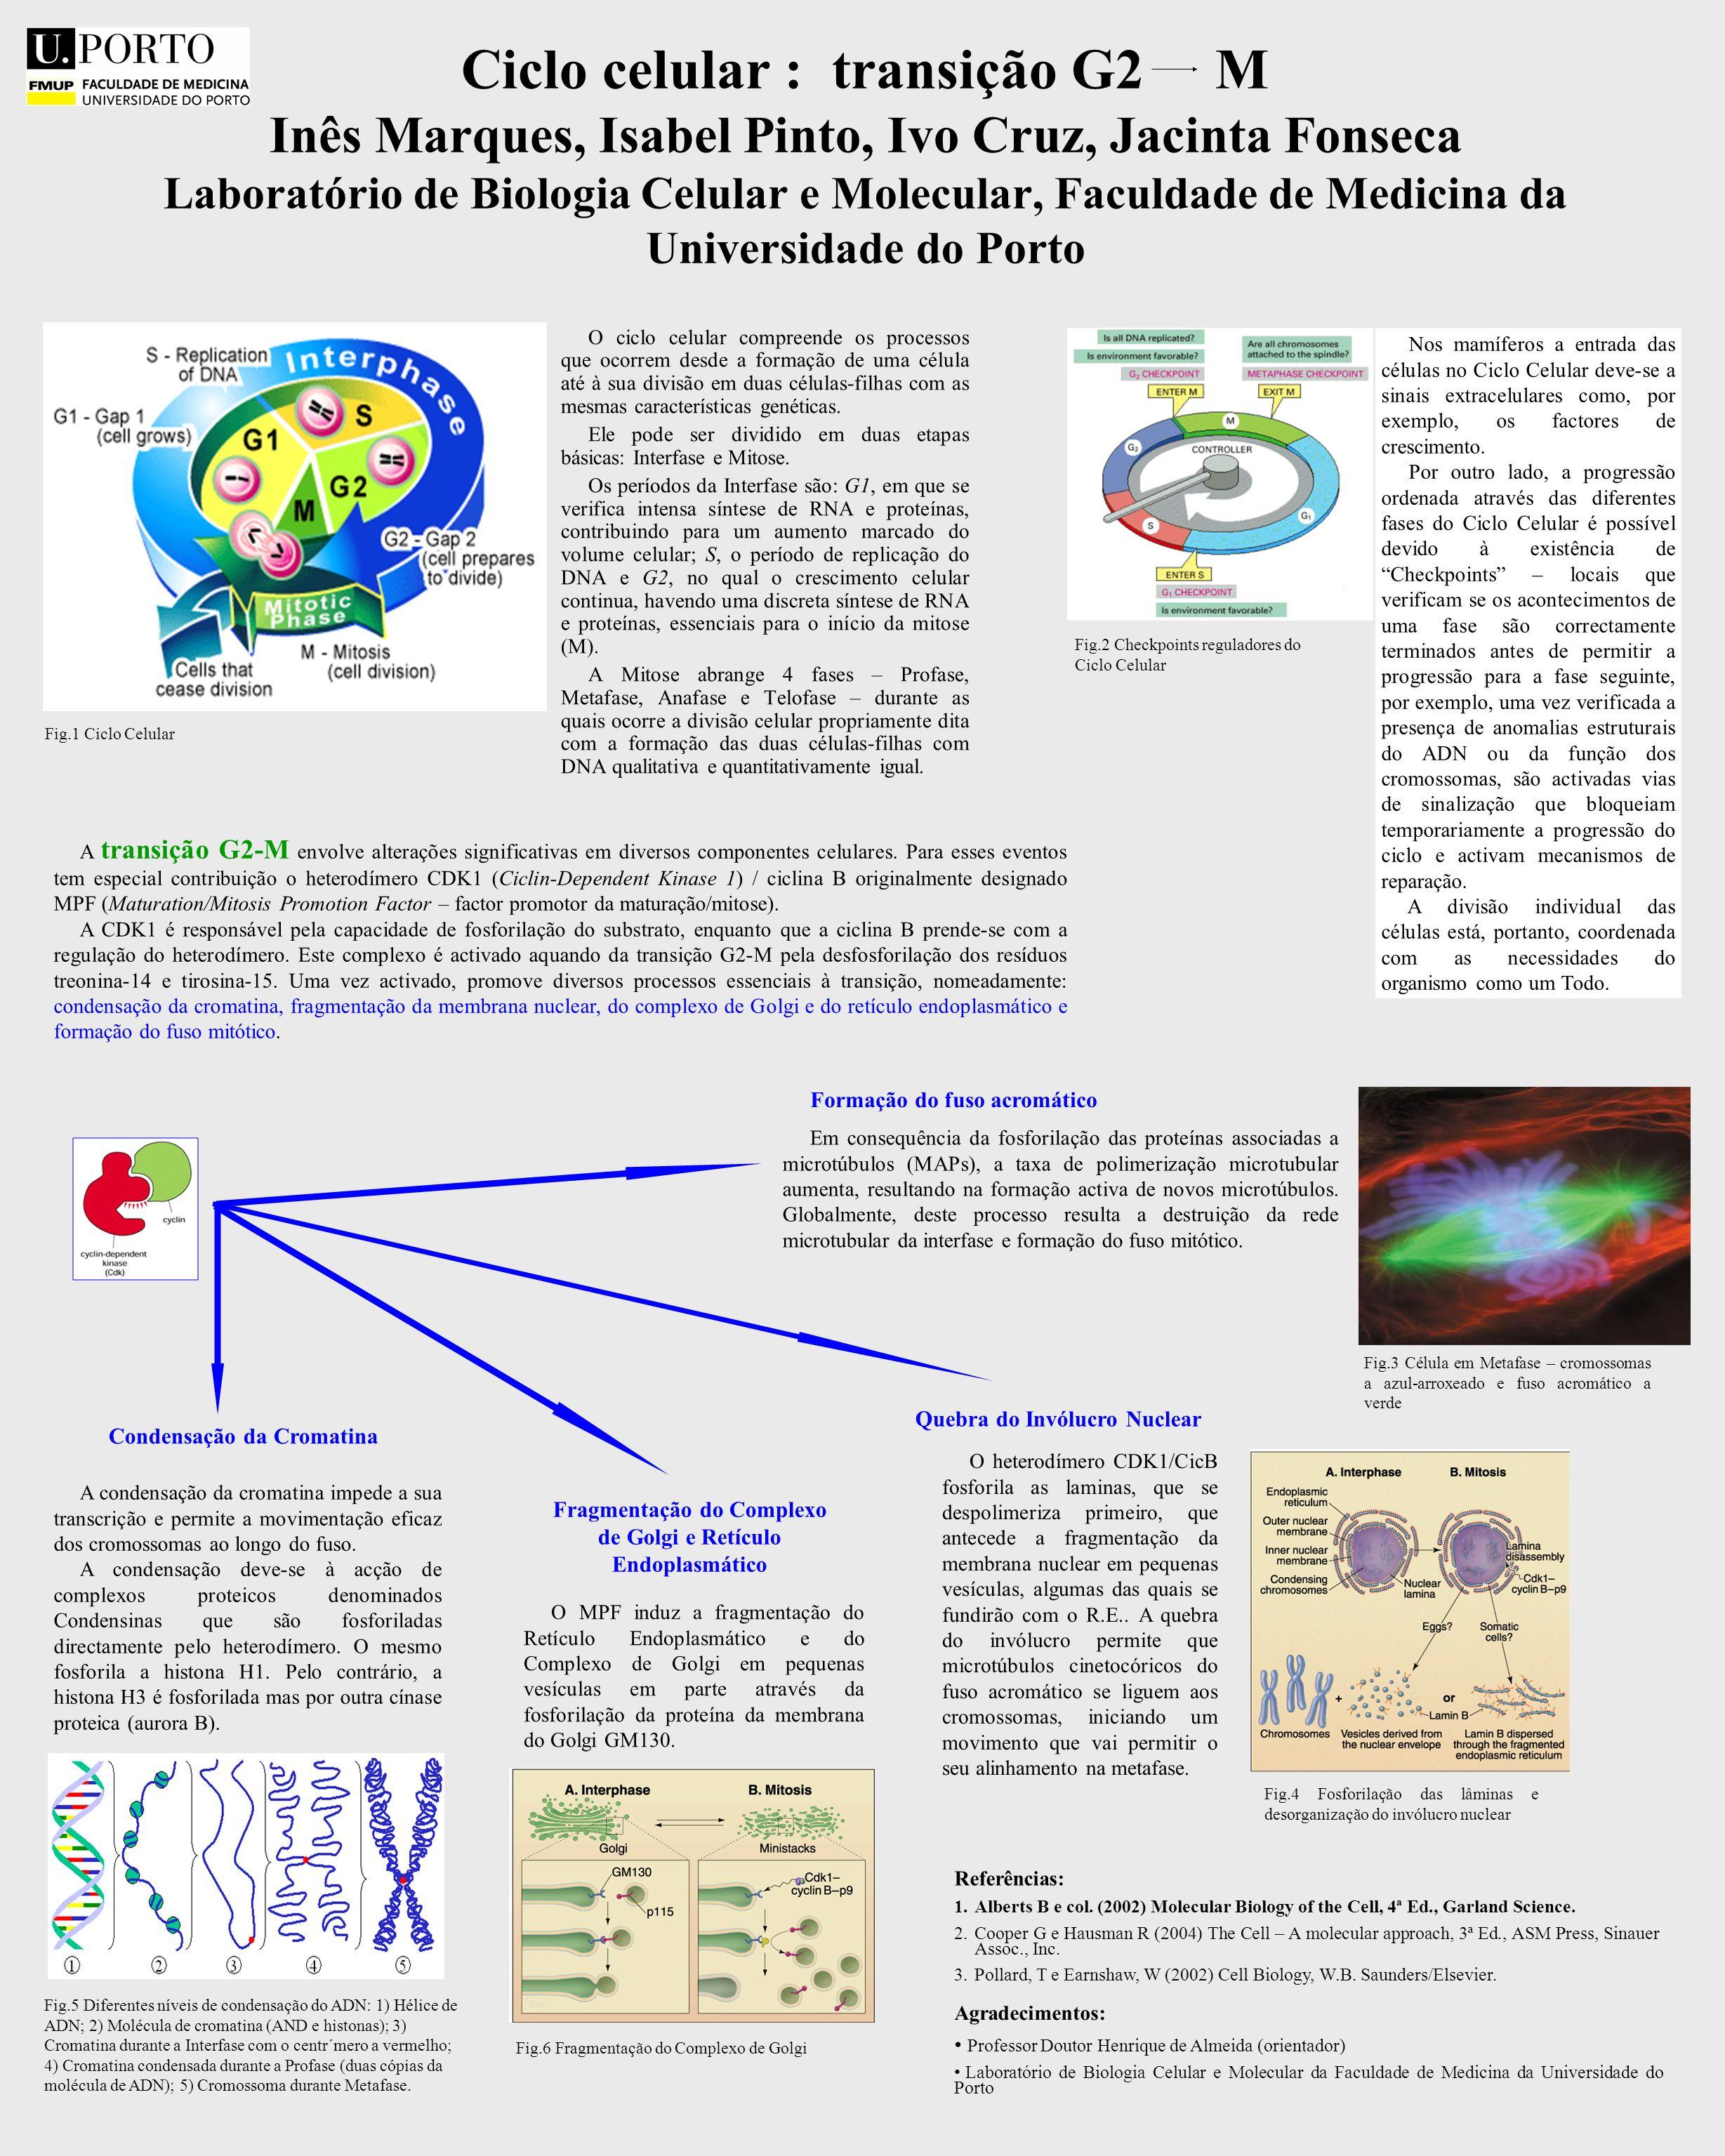 Nos mamíferos a entrada das células no Ciclo Celular deve-se a sinais extracelulares como, por exemplo, os factores de crescimento. Por outro lado, a